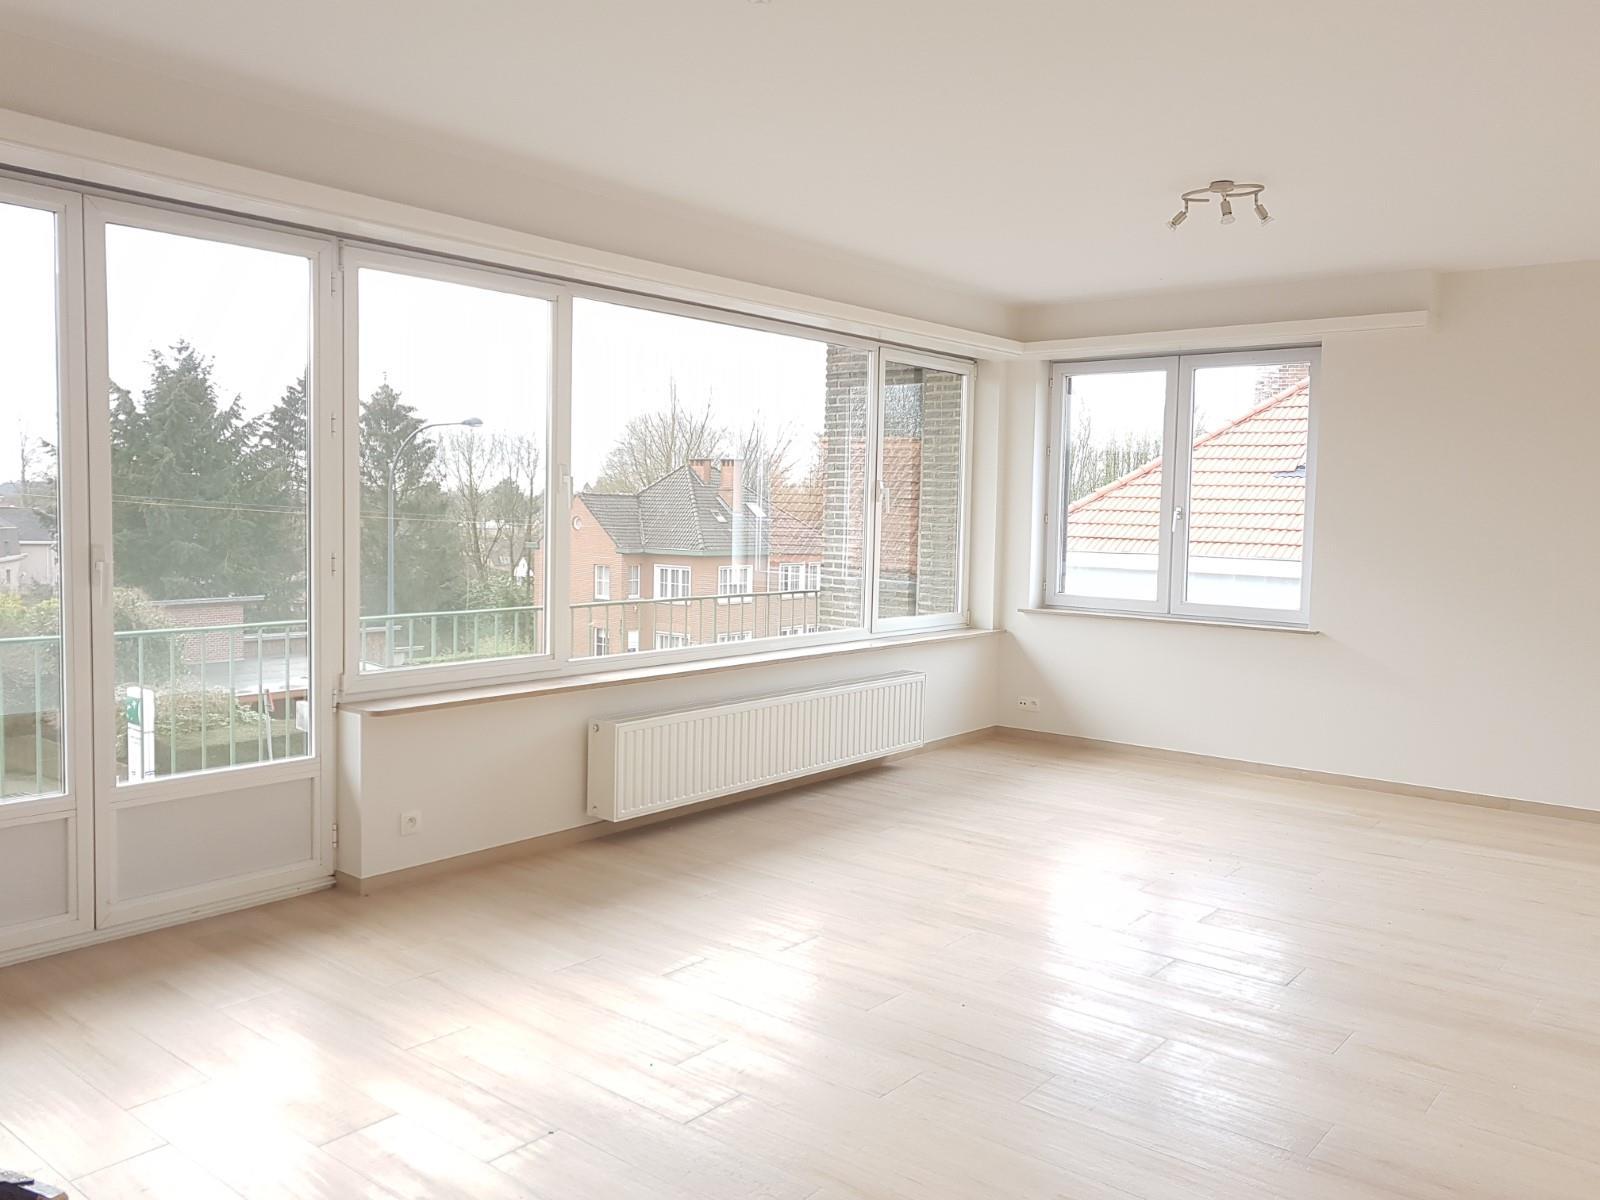 Appartement exceptionnel - Rhode-Saint-Genèse - #3704483-12